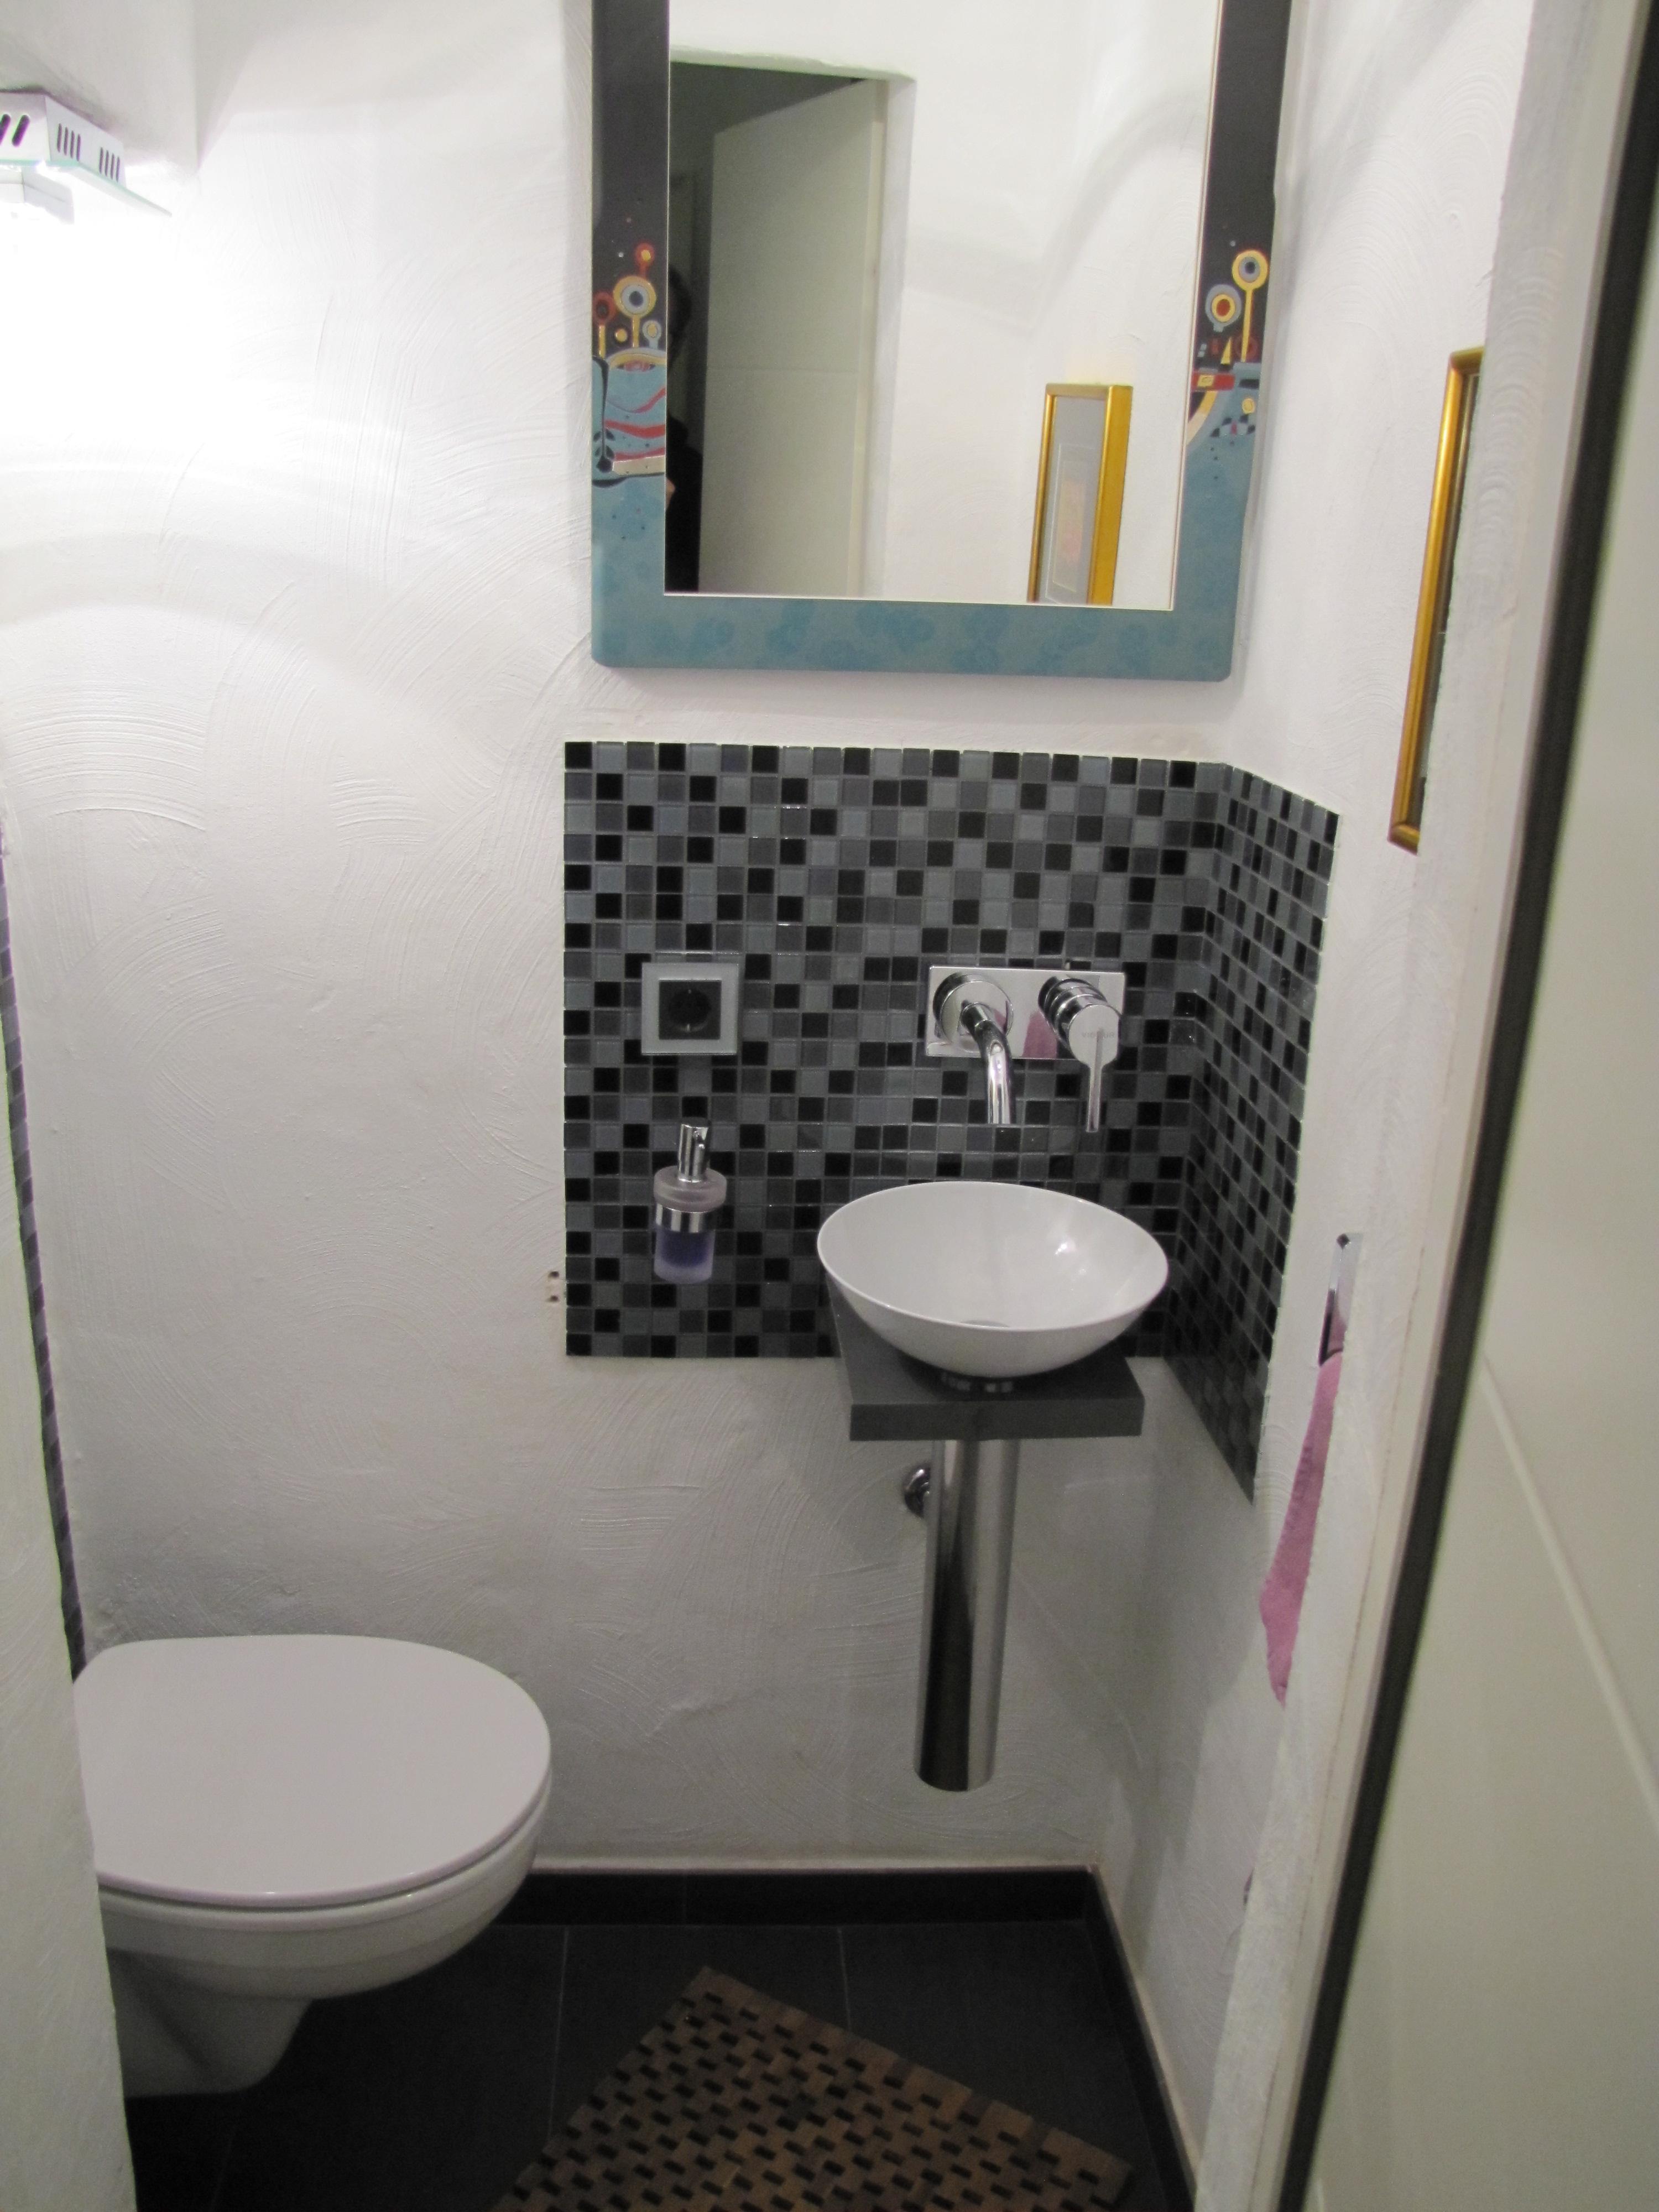 Dillingen City - Handwaschbecken